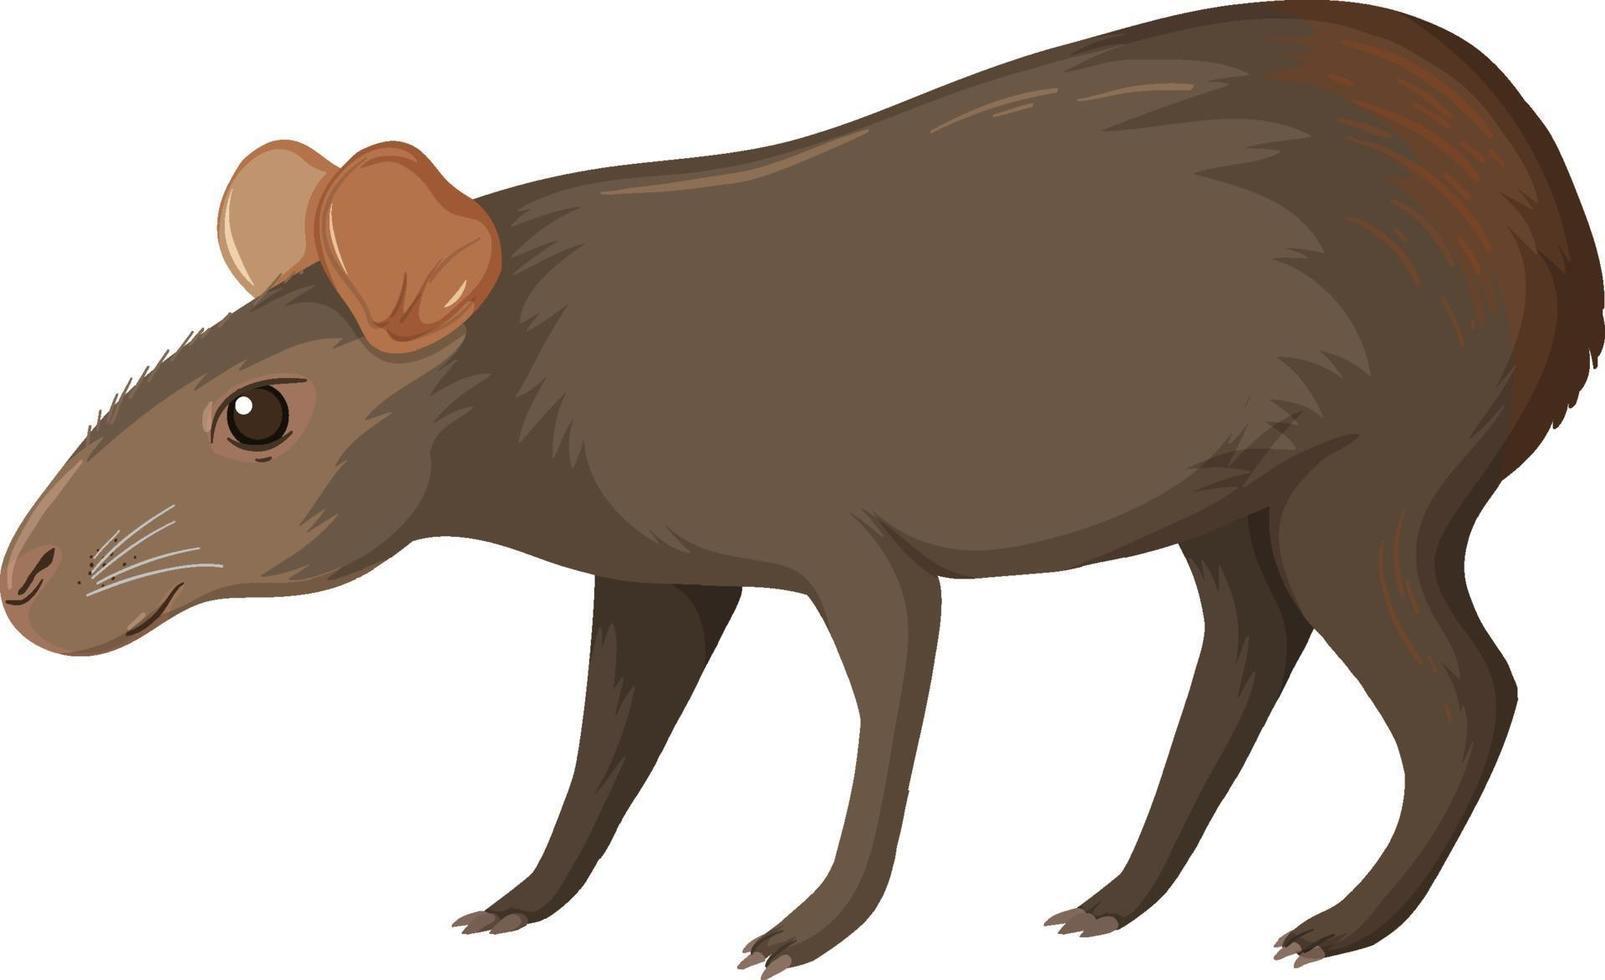 capybara vilda djur på vit bakgrund vektor